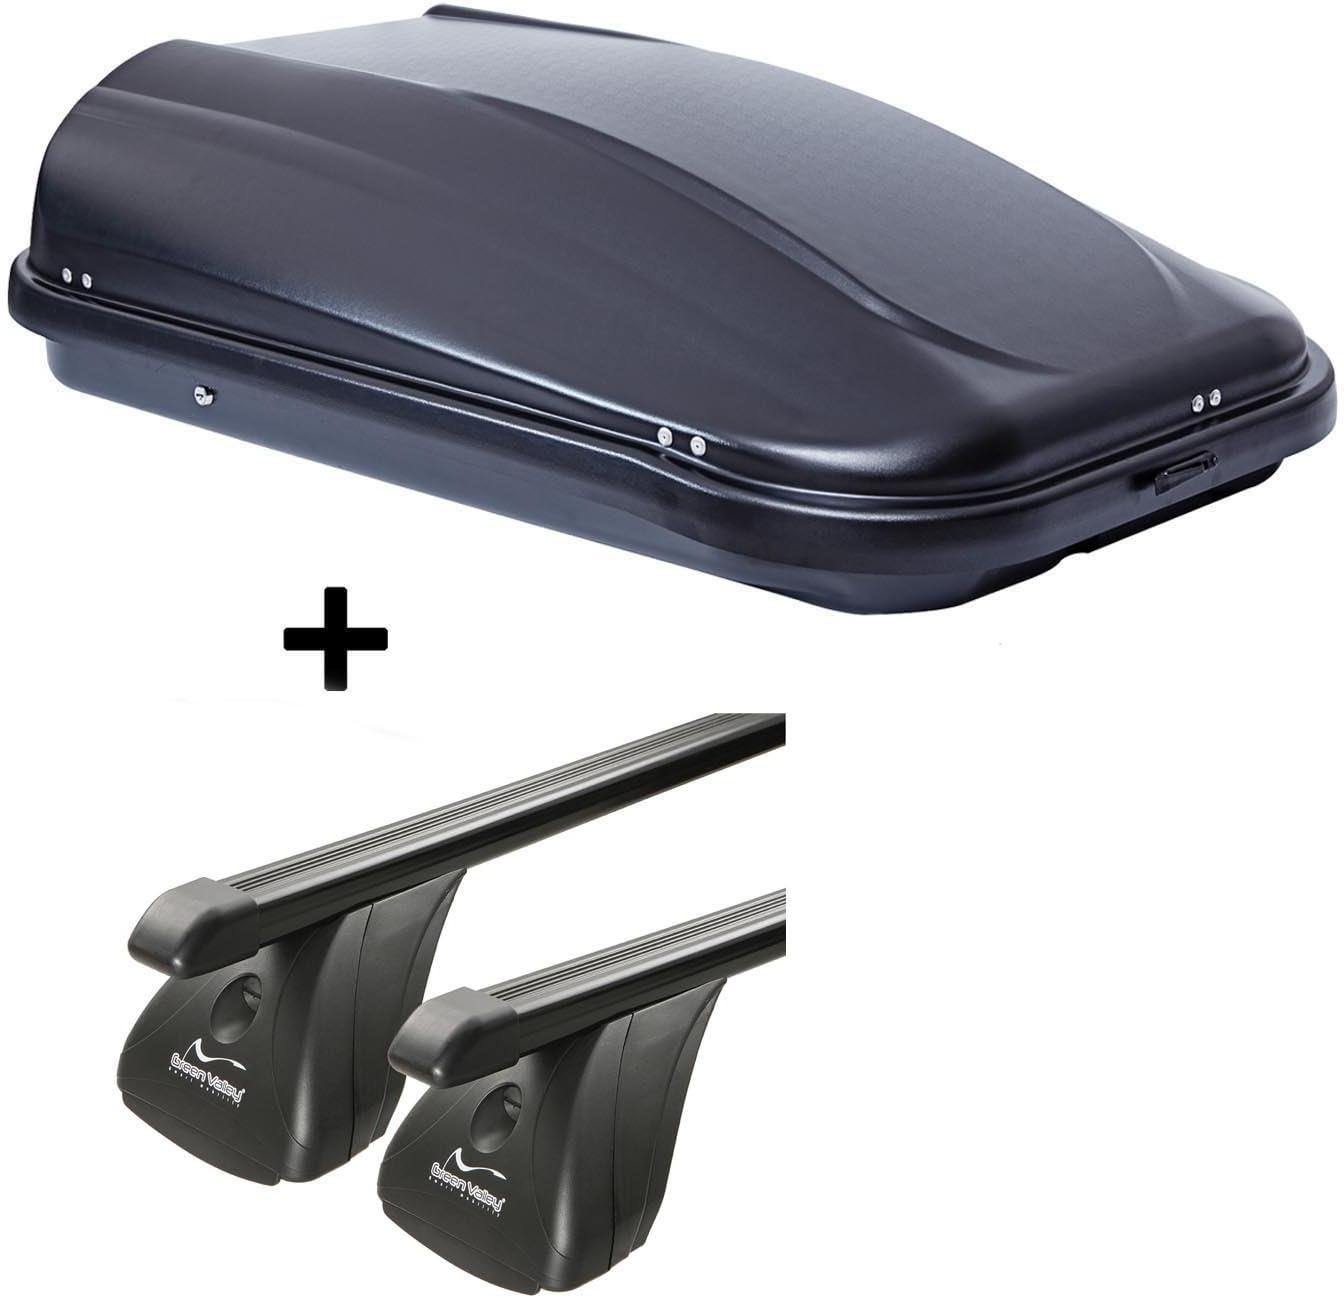 3-5T/ürer 2004-2011 Stahl Dachtr/äger Aurilis Original kompatibel mit BMW Serie 1 VDP Dachbox JUPRE320 320Ltr schwarz gl/änzend abschlie/ßbar E87